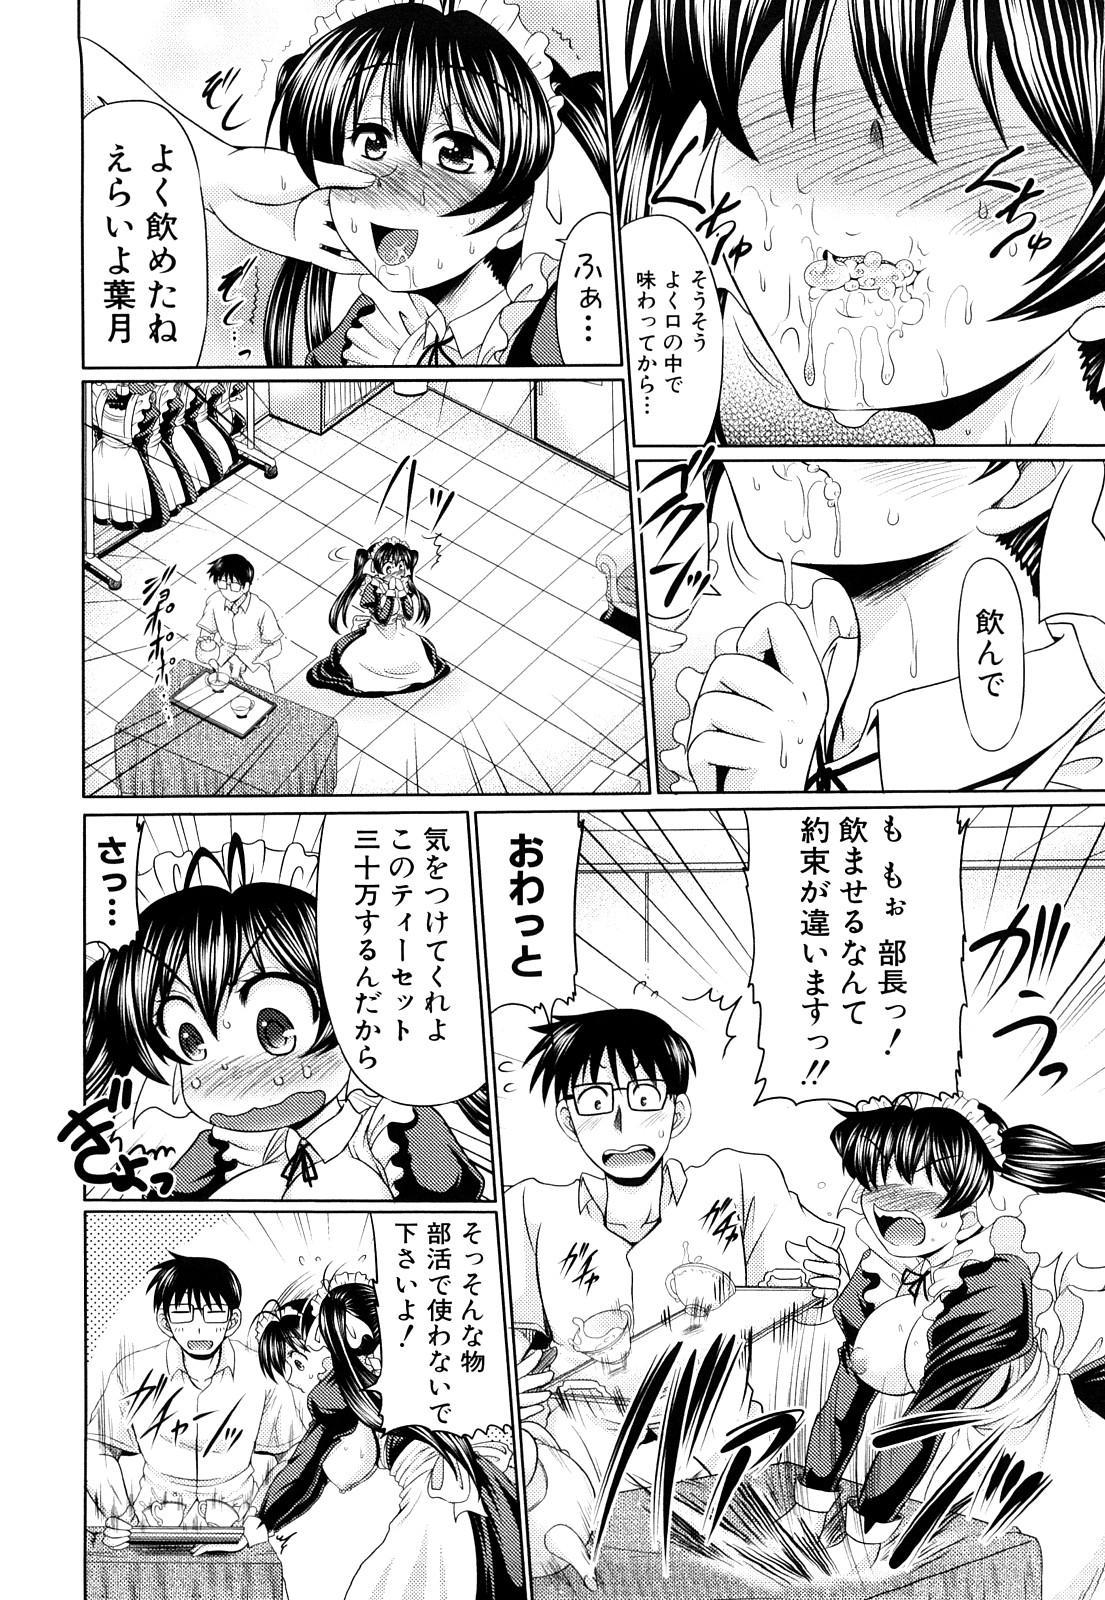 Nikuyoku Analyze 90